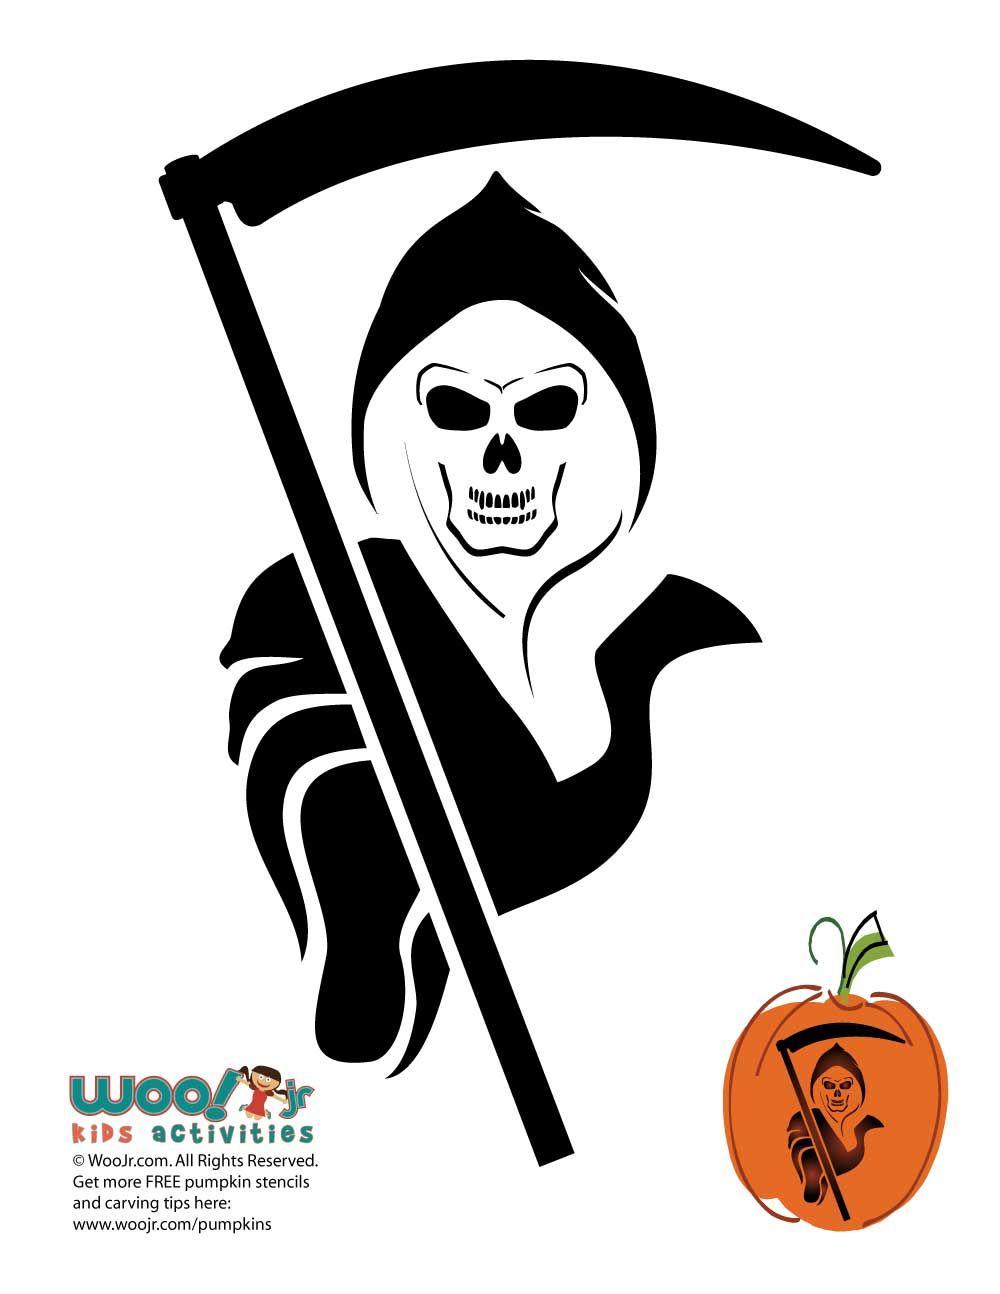 grim reaper pumpkin template  Grim Reaper Pumpkin Template to Carve in 6 | Pumpkin ...